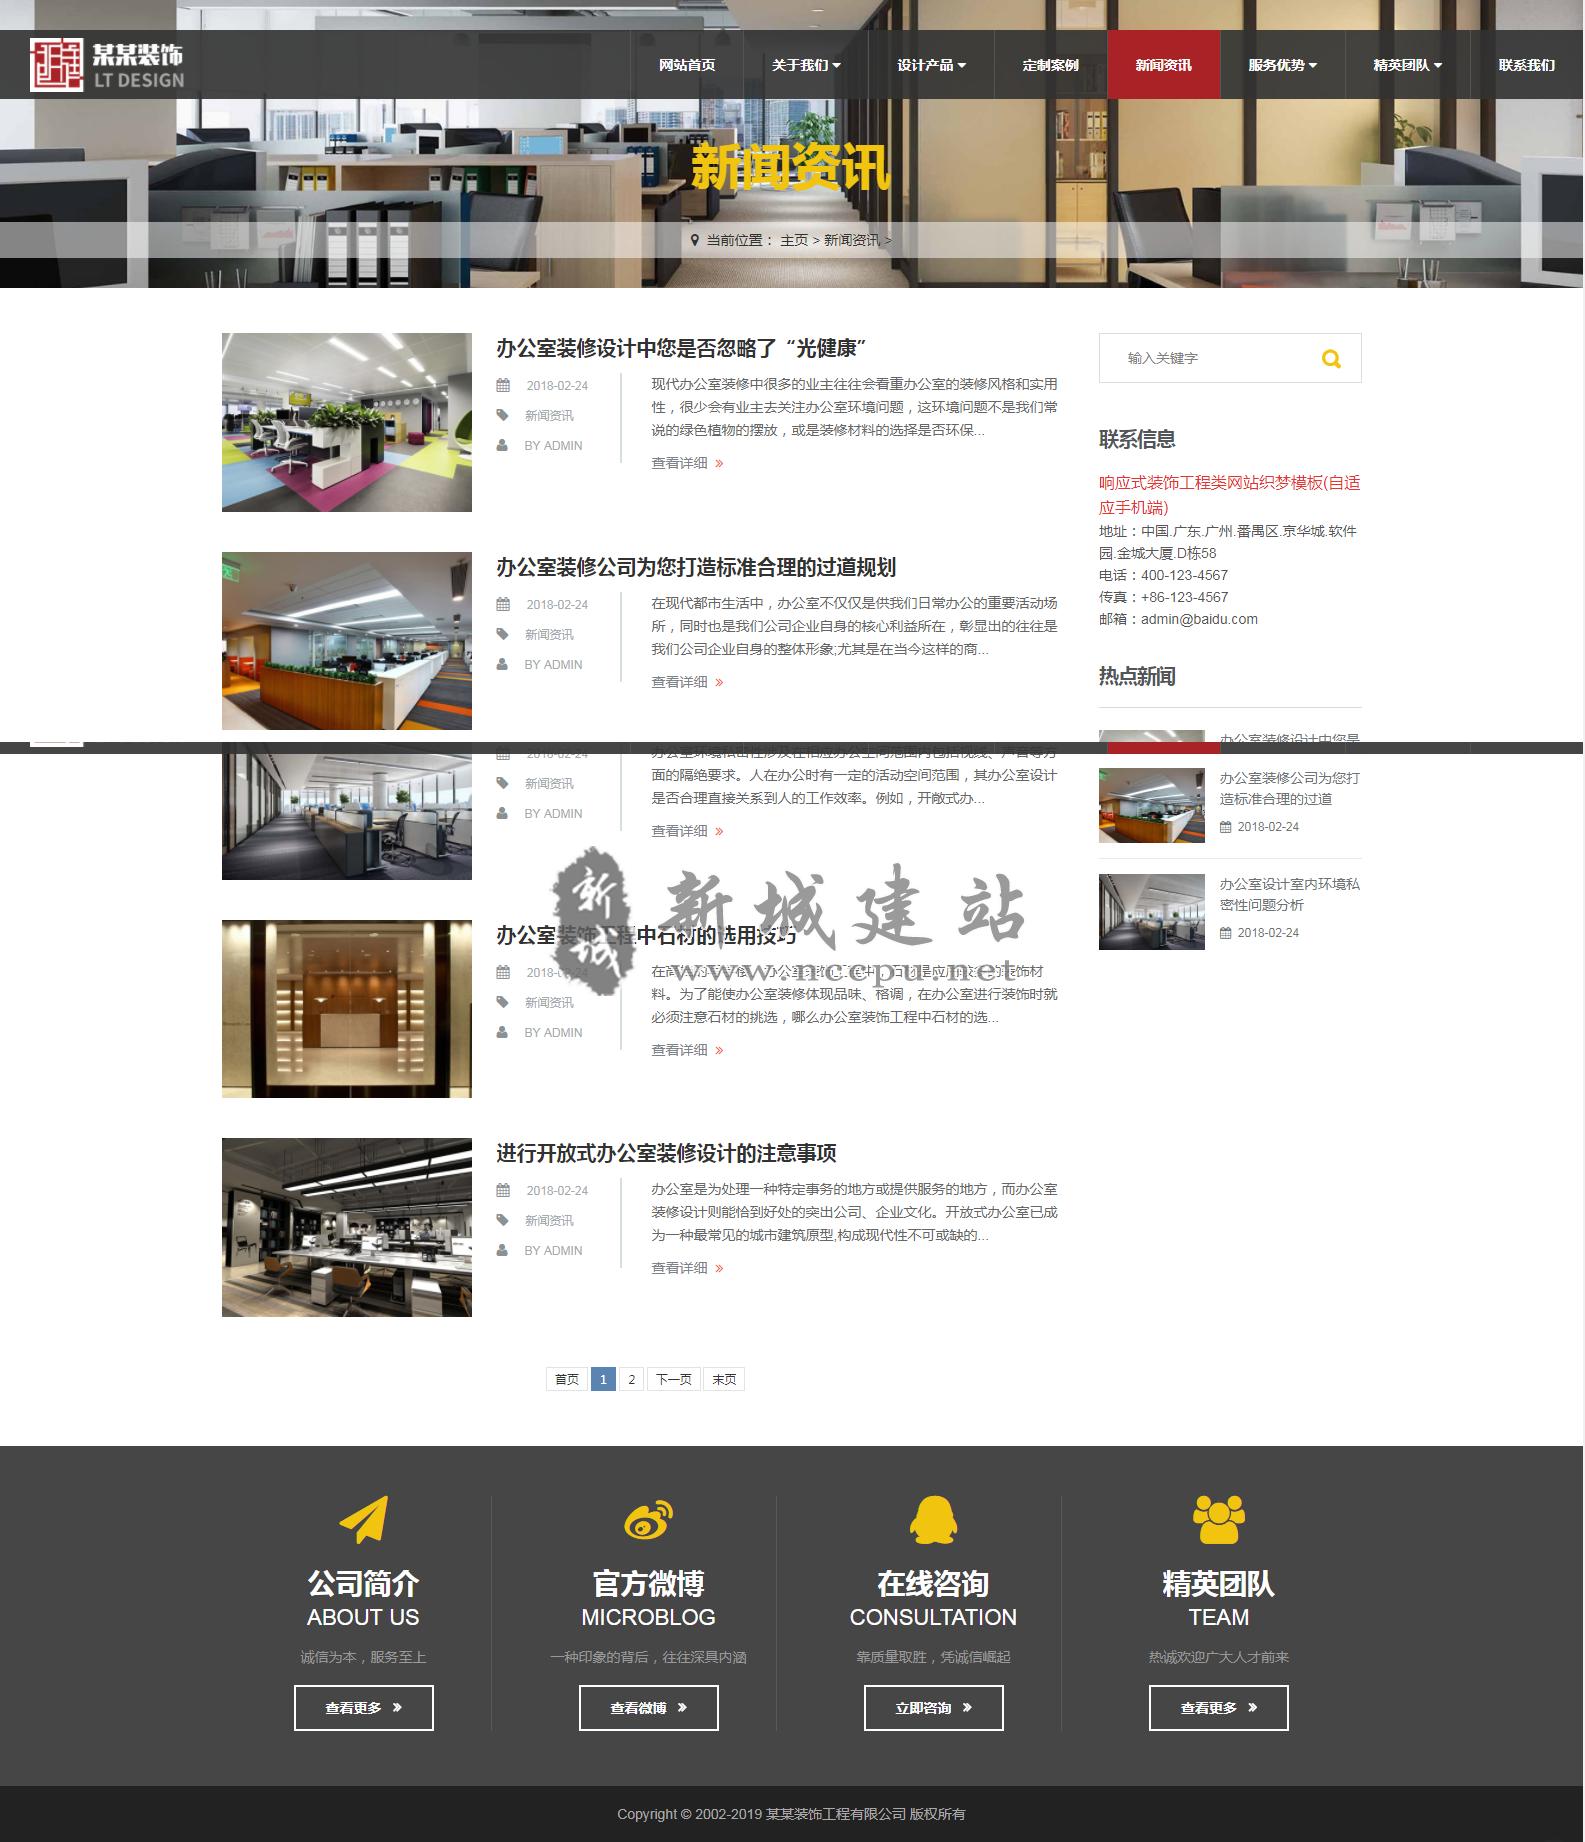 响应式企业装饰工程类公司网站新闻资讯